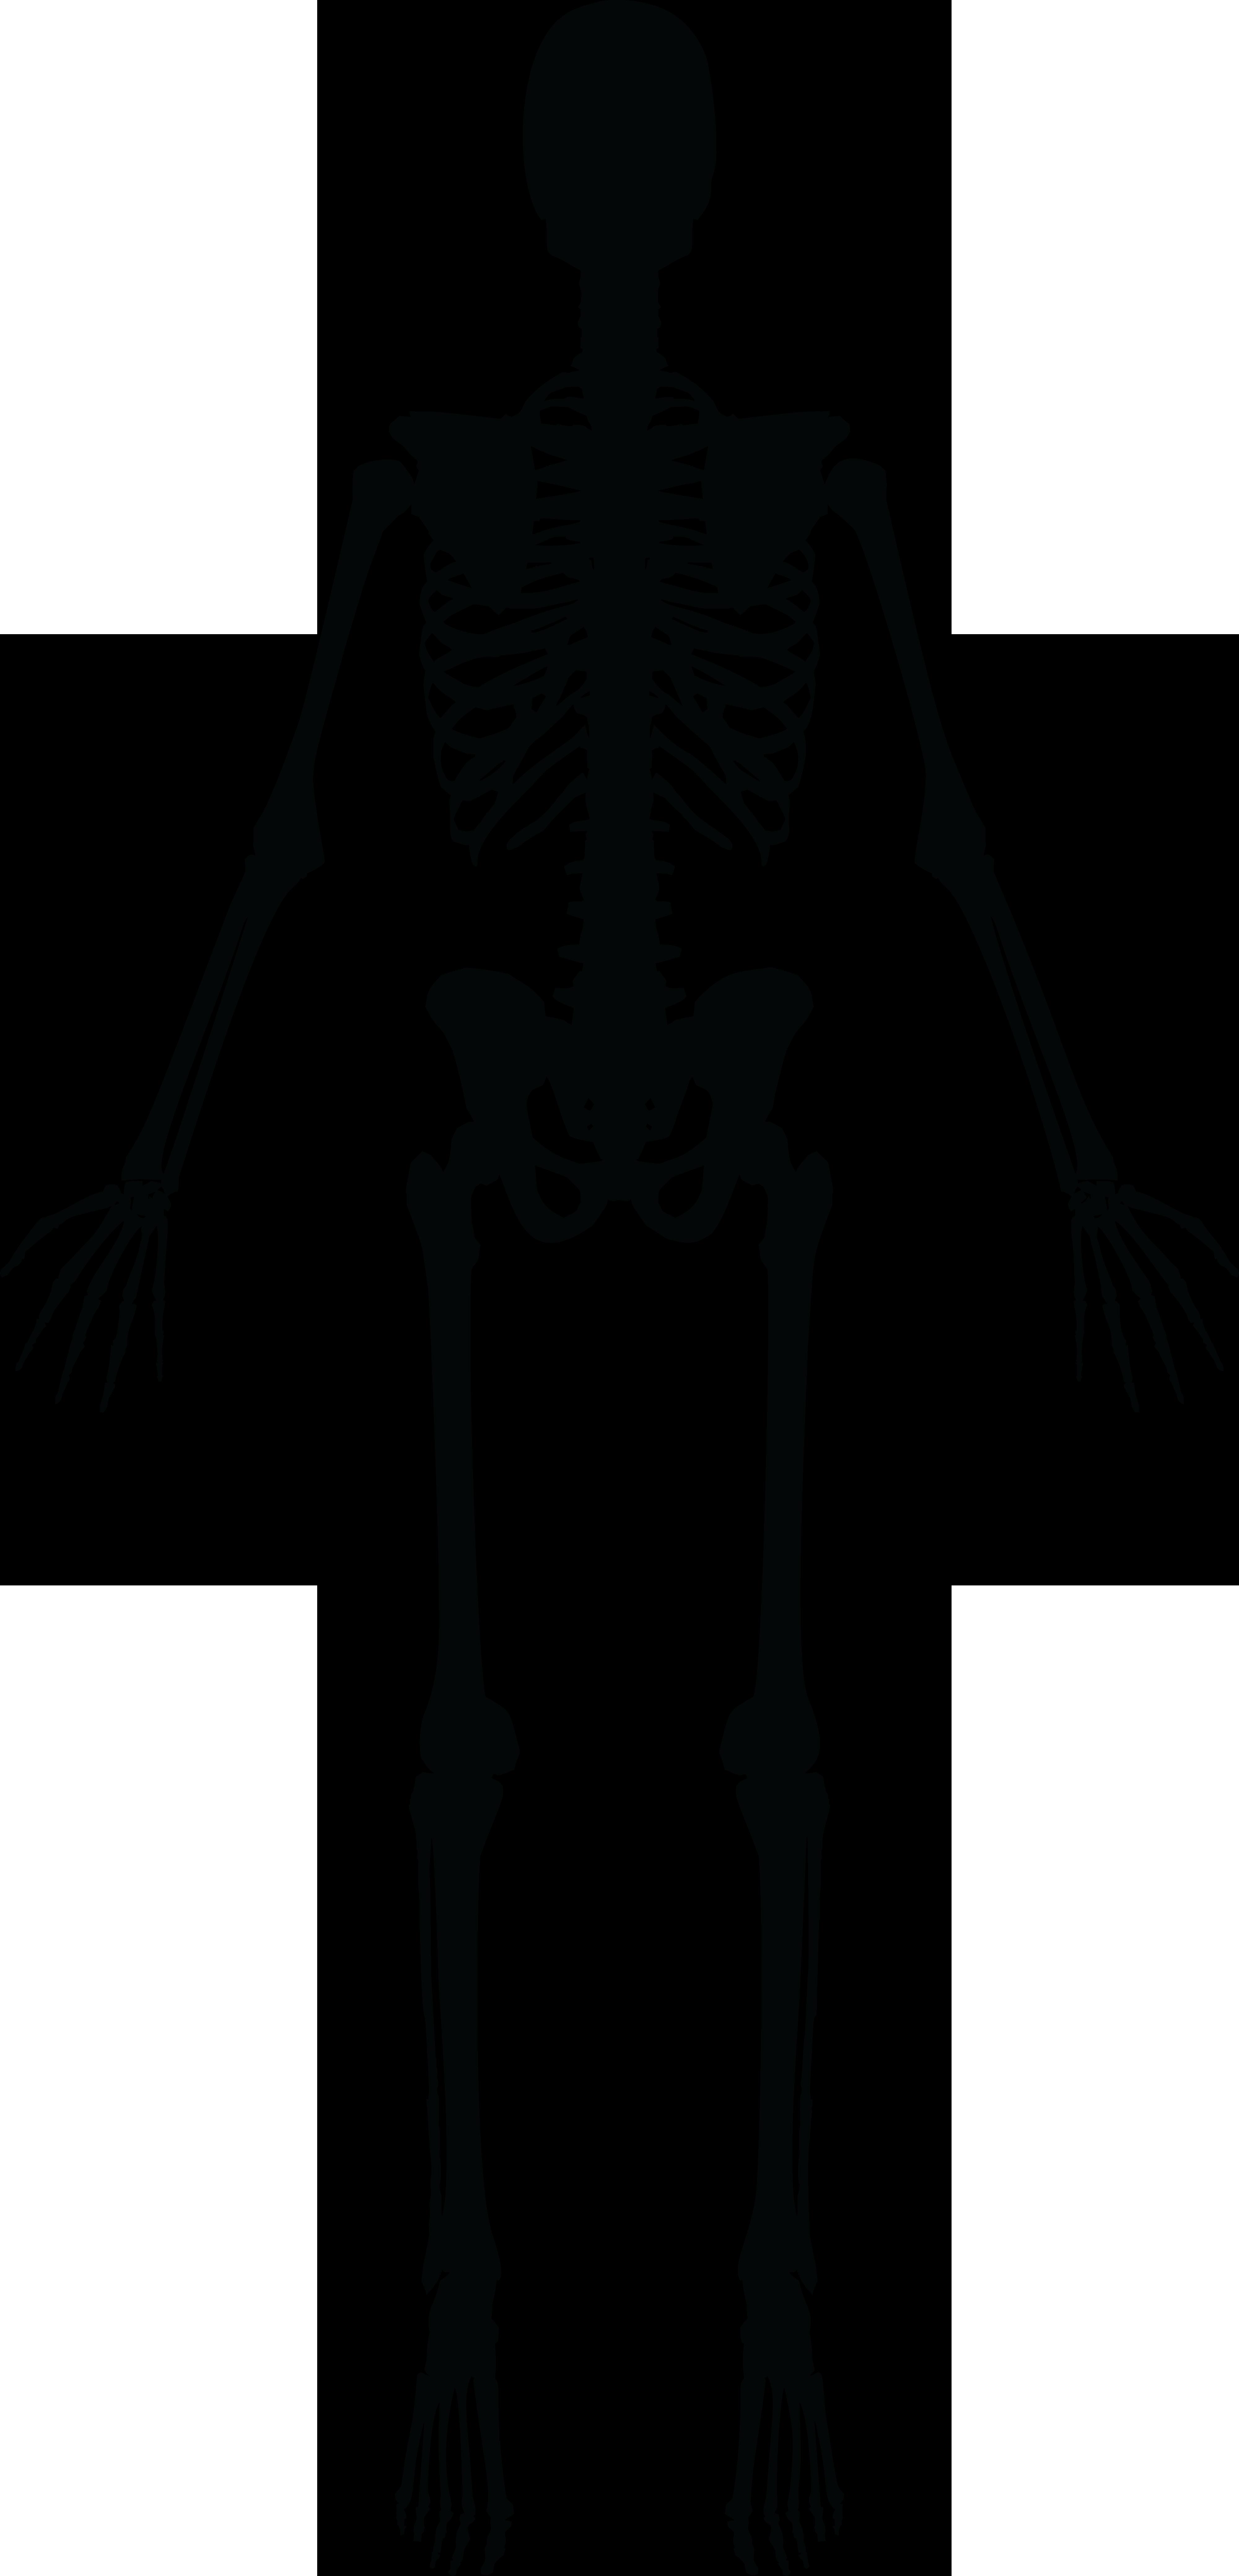 pic of human skeleton images - human anatomy image, Skeleton